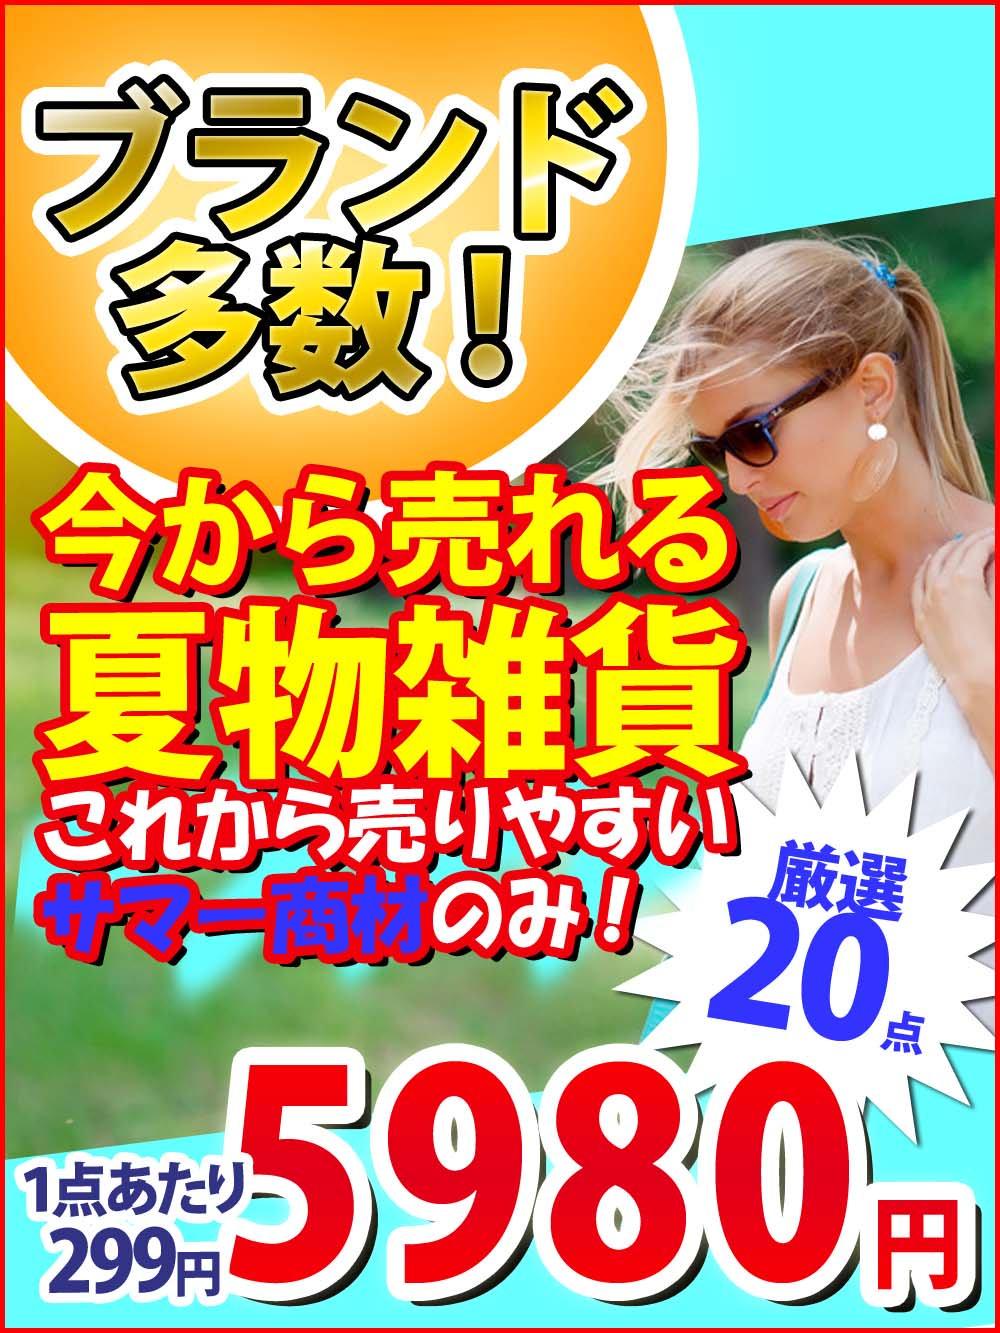 【今から売れる夏物雑貨】ブランド多数!これから売りやすいサマー商材のみを集めた雑貨アラカルト!【20点】@299